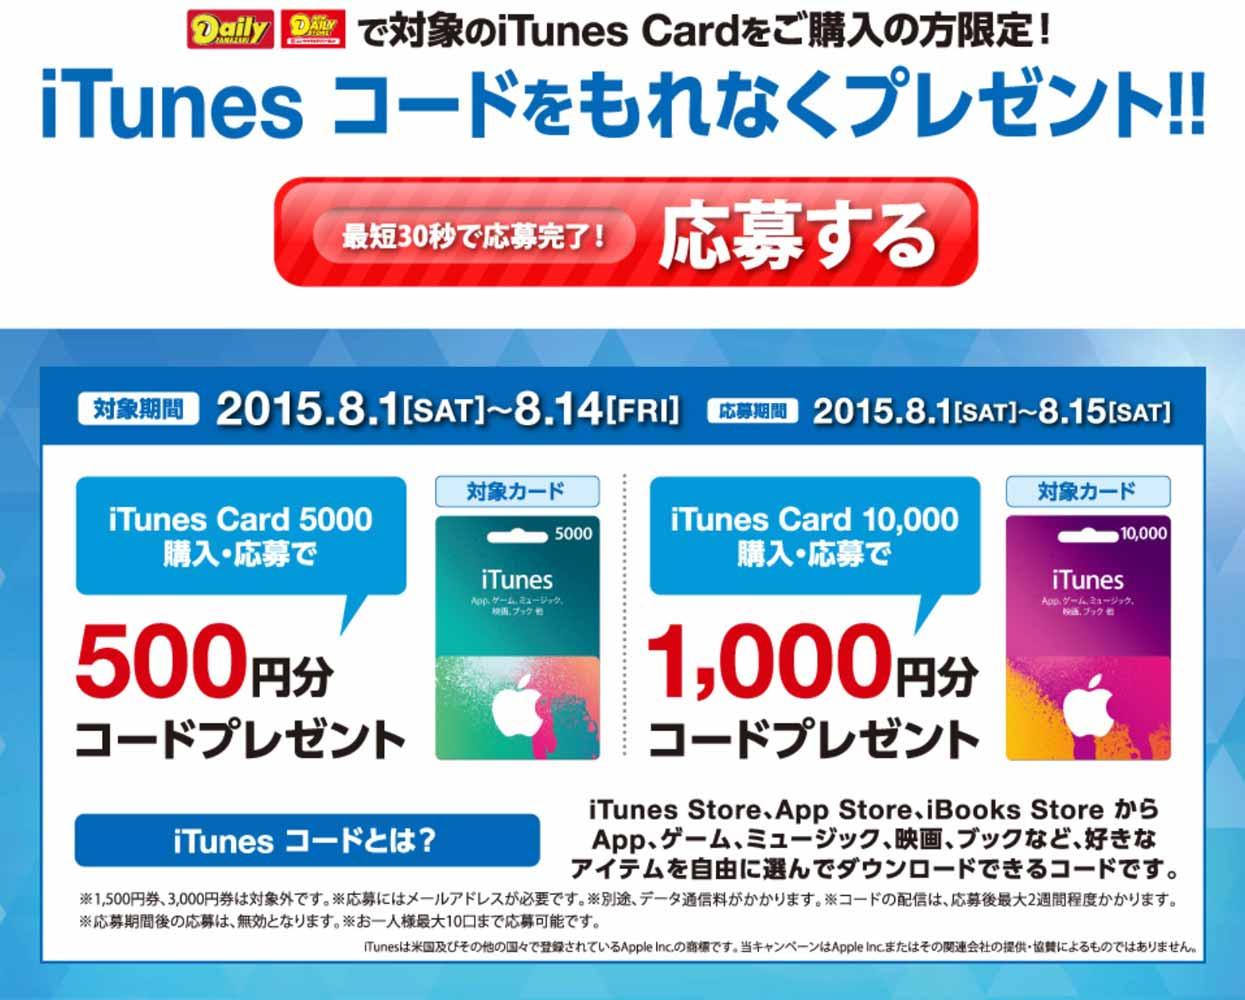 デイリーヤマザキ、対象のiTunes Card購入でiTunesコードがもらえるキャンペーン実施中(2015年8月14日まで)